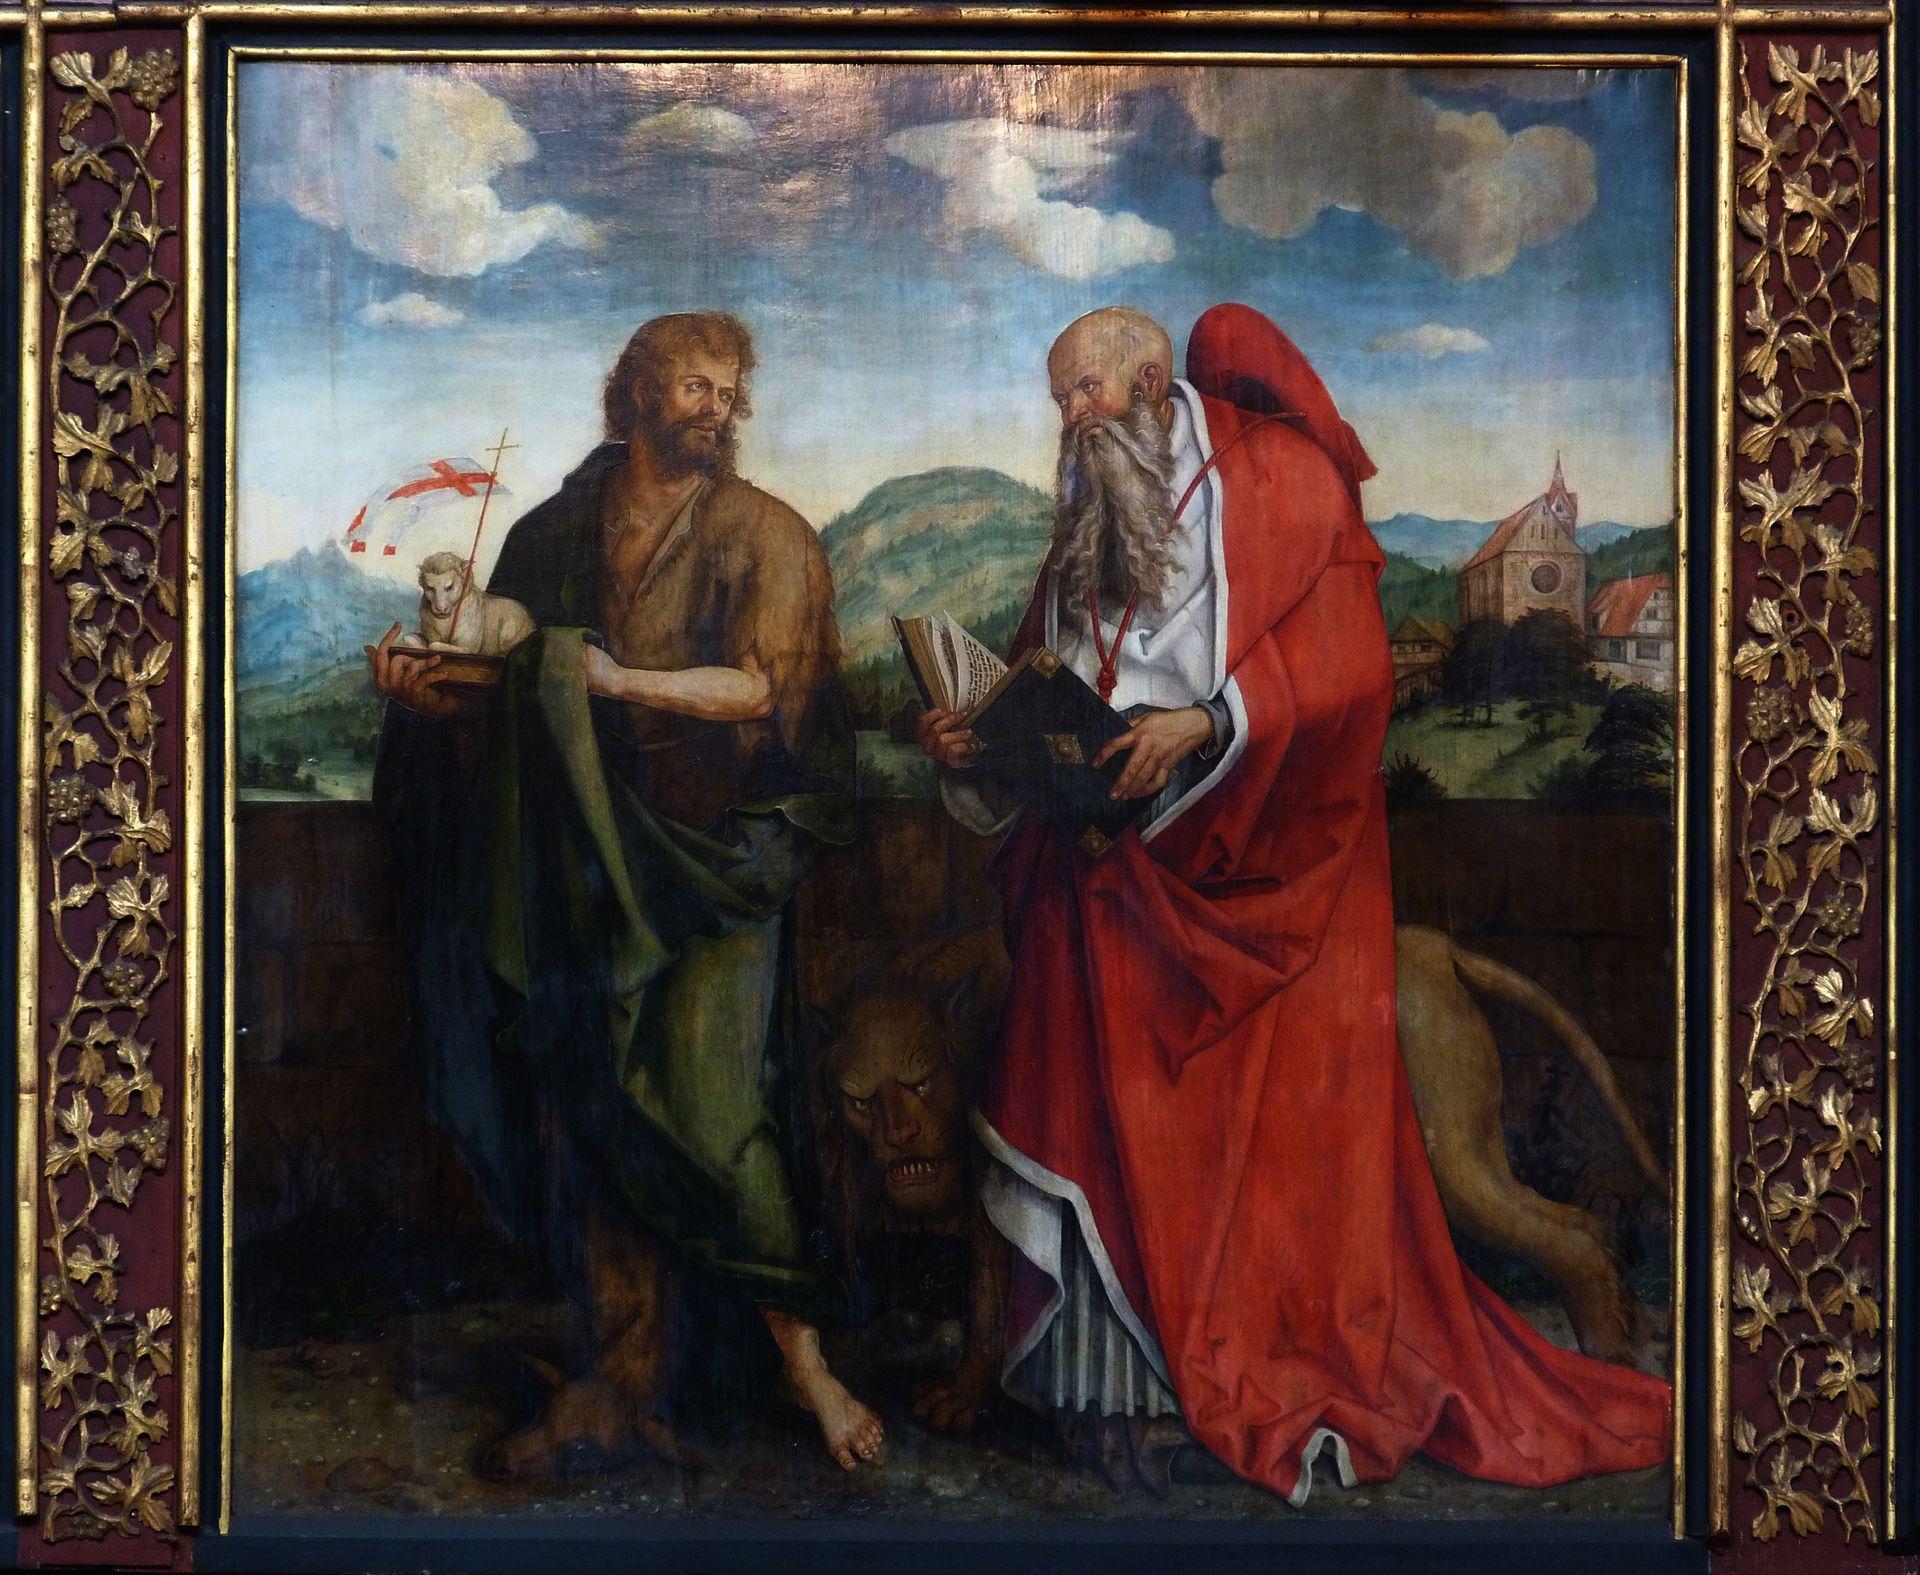 Epitaph für Propst Lorenz Tucher rechte Tafel: Johannes der Täufer und Hieronymus